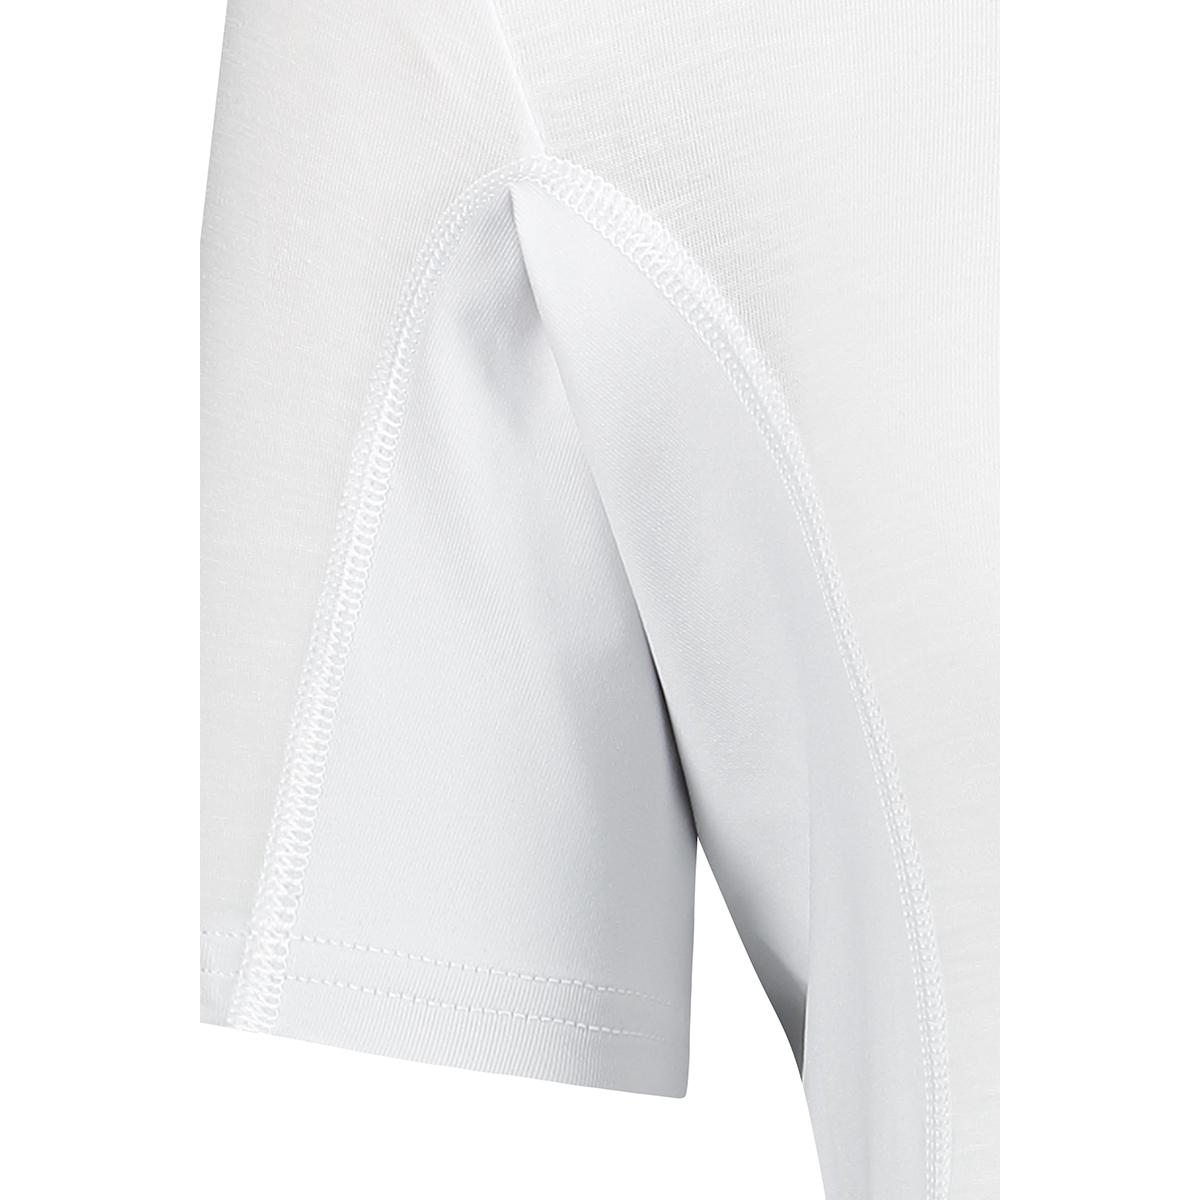 helsinki sweatproof rj bodywear t-shirt wit